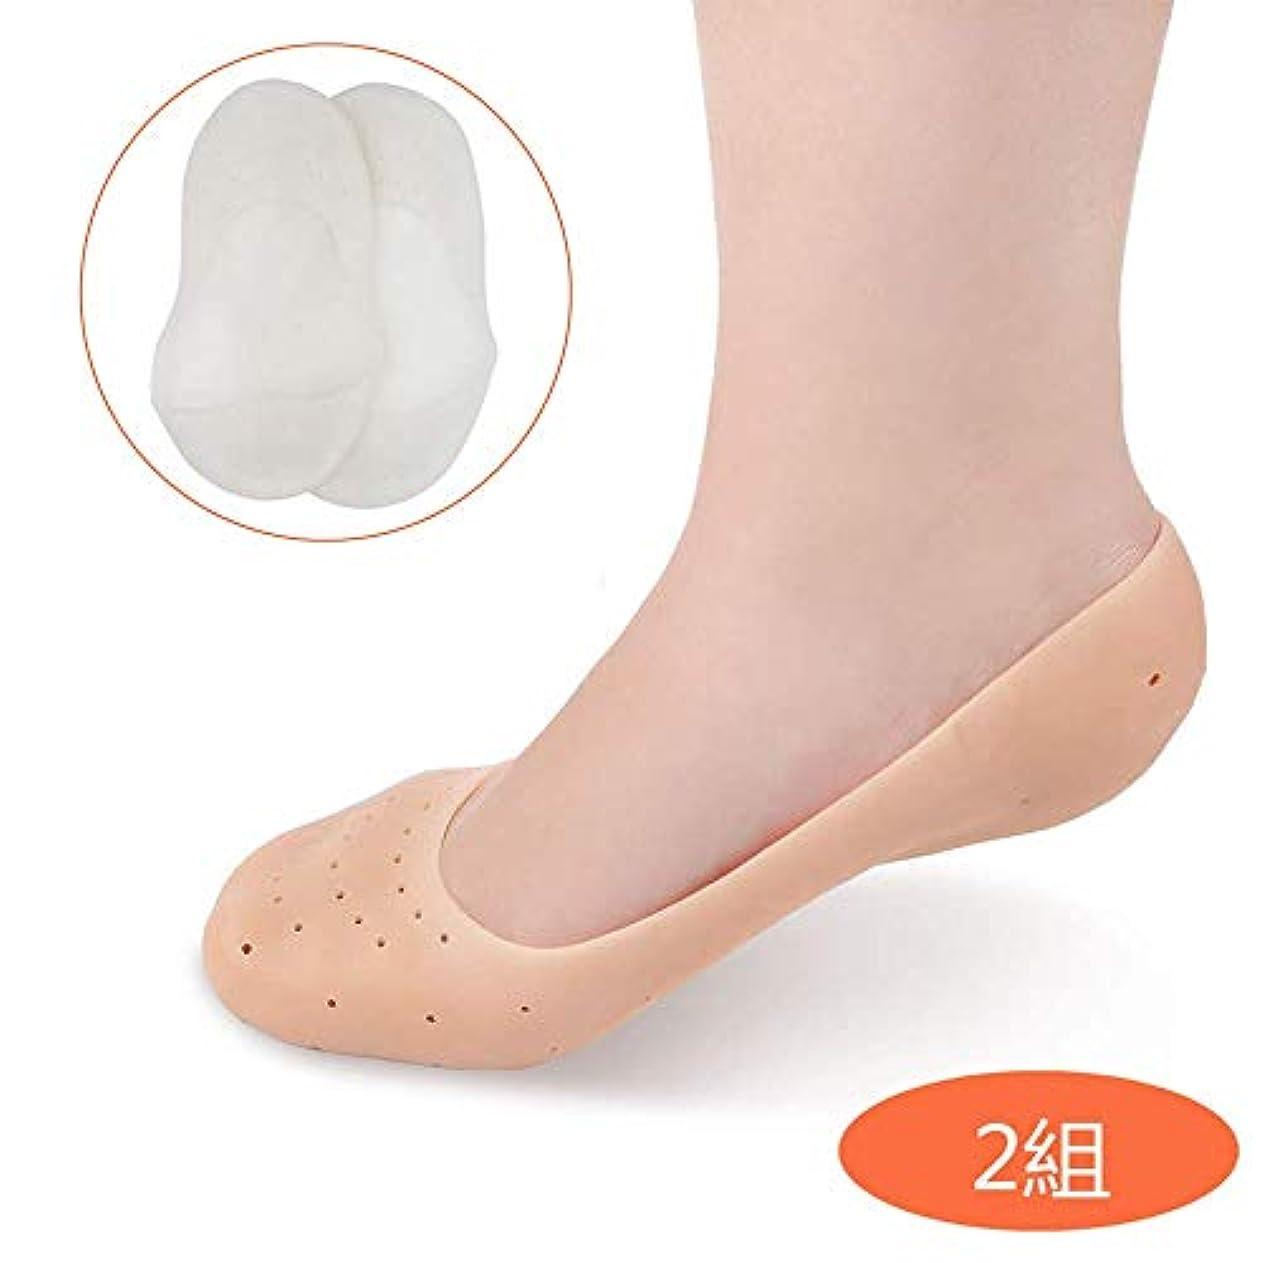 非難する桃公使館シリコンソックス 靴下 かかとケア ヒールクラック防止 足ケア 保湿 角質ケア 皮膚保護 痛みの緩和 快適 通気性 男女兼用 (2組)